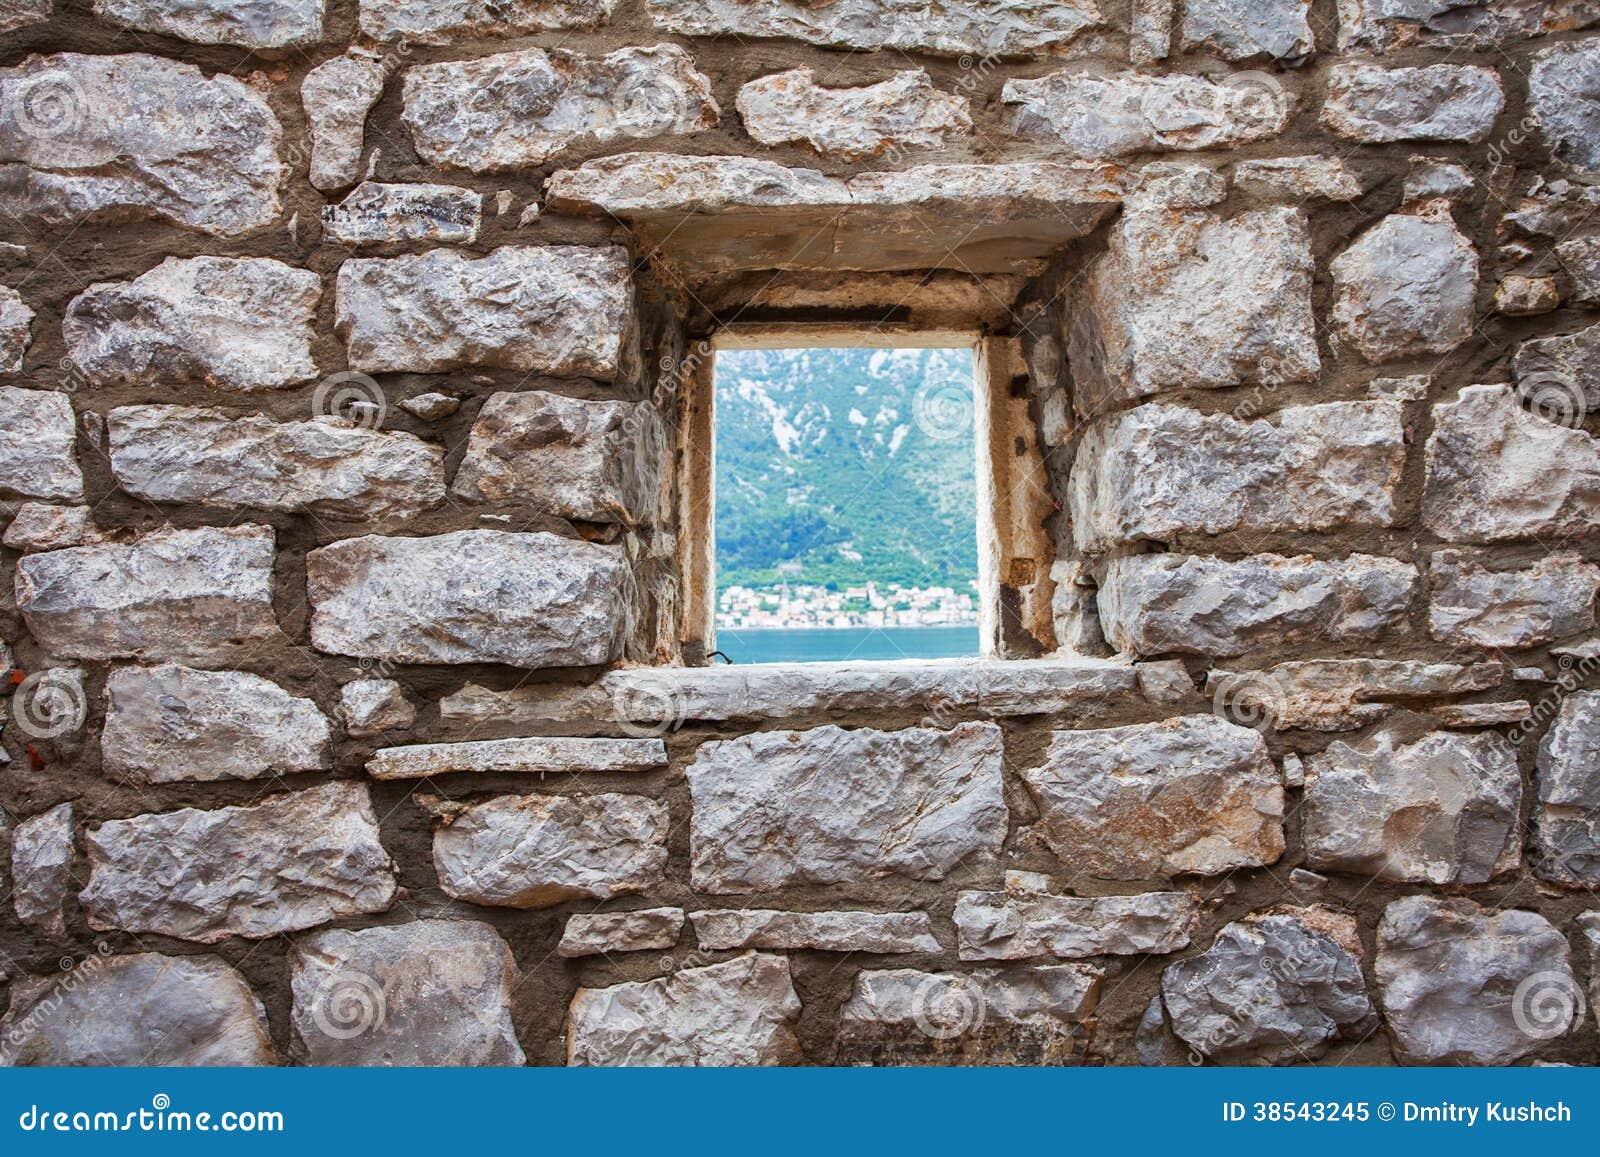 Pared de piedra con la ventana foto de archivo libre de - Pared de piedra ...